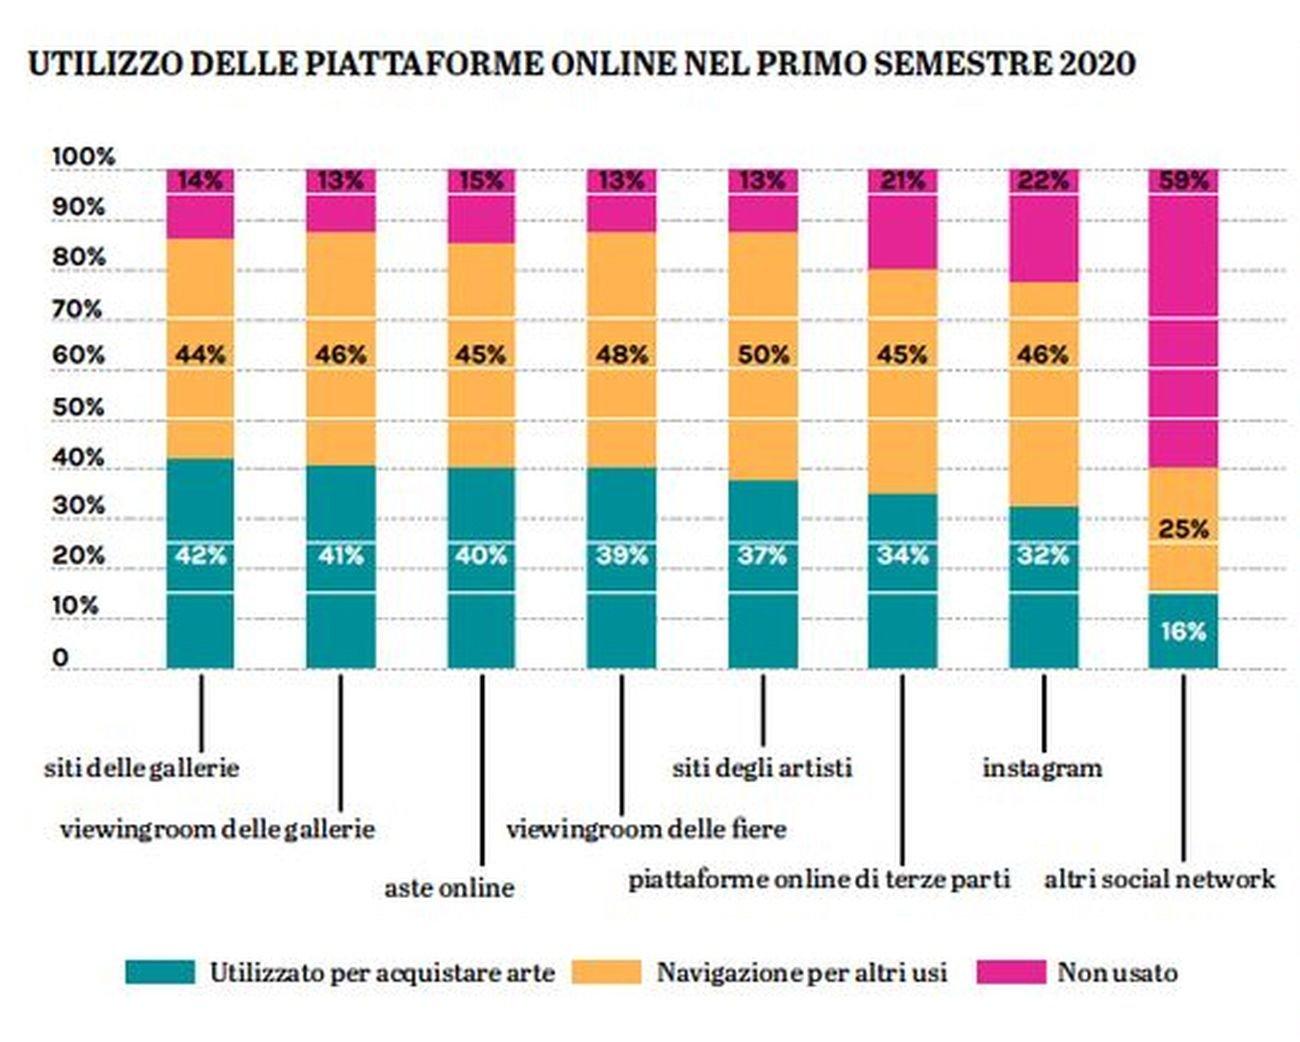 Utilizzo delle piattaforme online nel primo semestre 2020. Fonte © Art Economics 2020. Grafica © Artribune Magazine